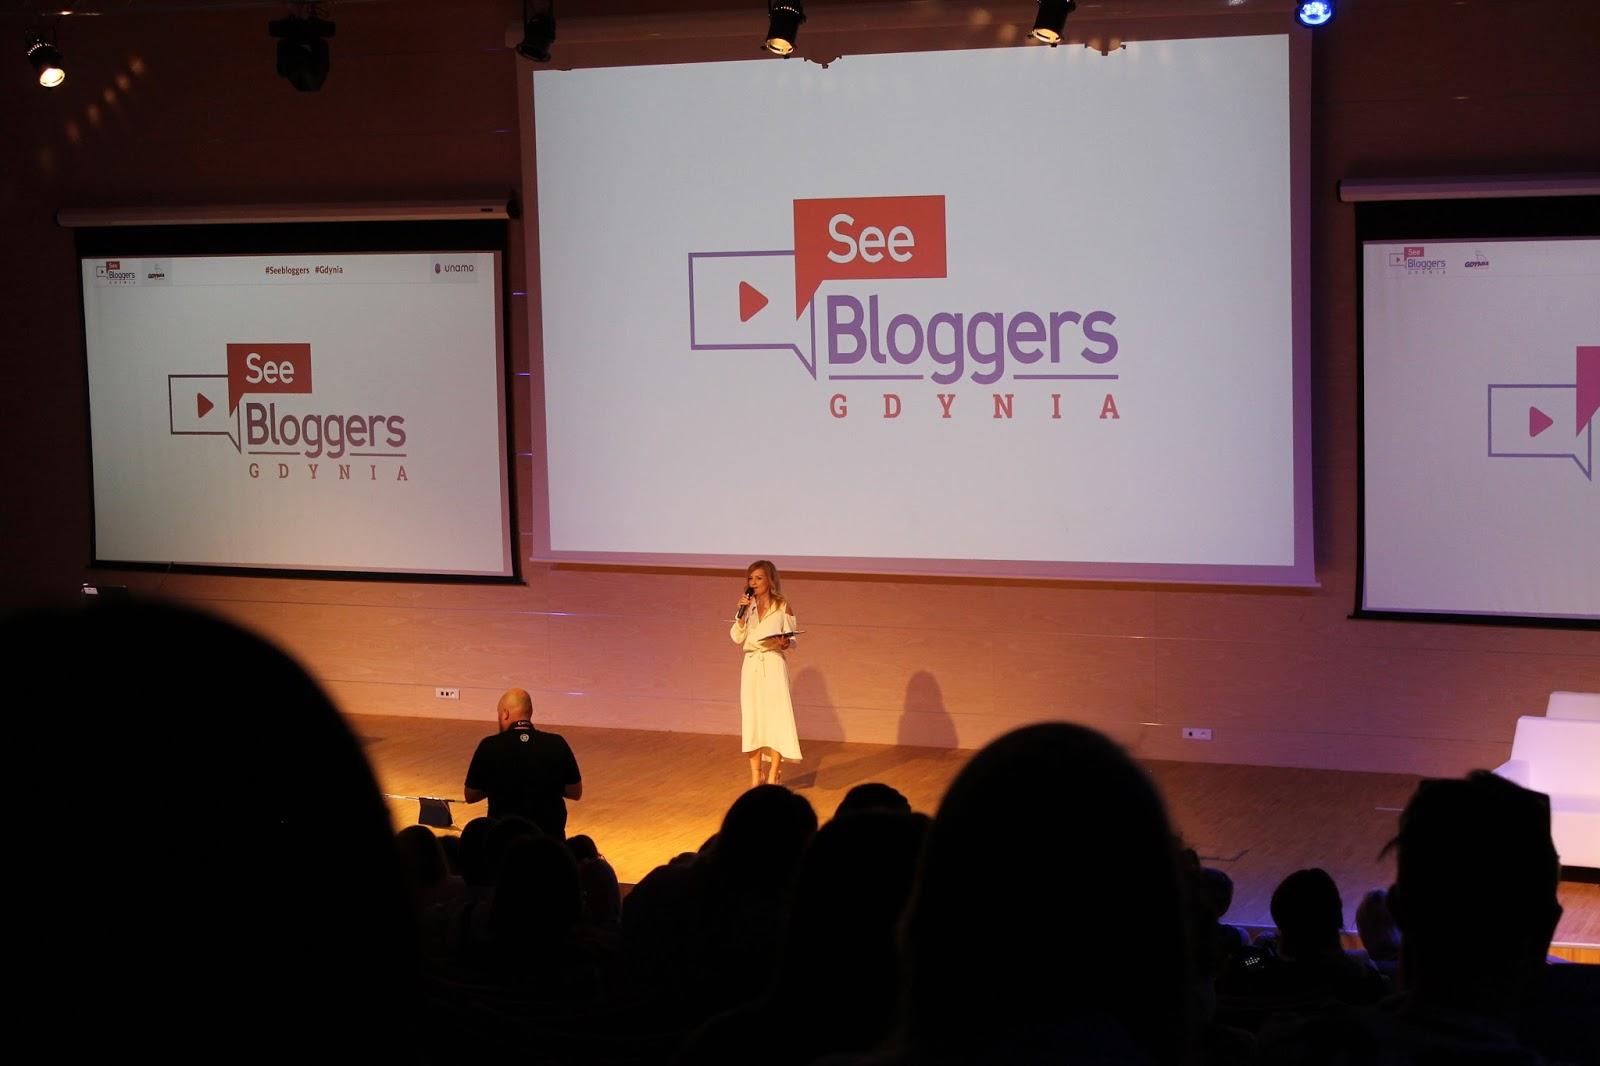 Relacja z See Bloggers - największej konferencji dla twórców internetowych - czy warto?